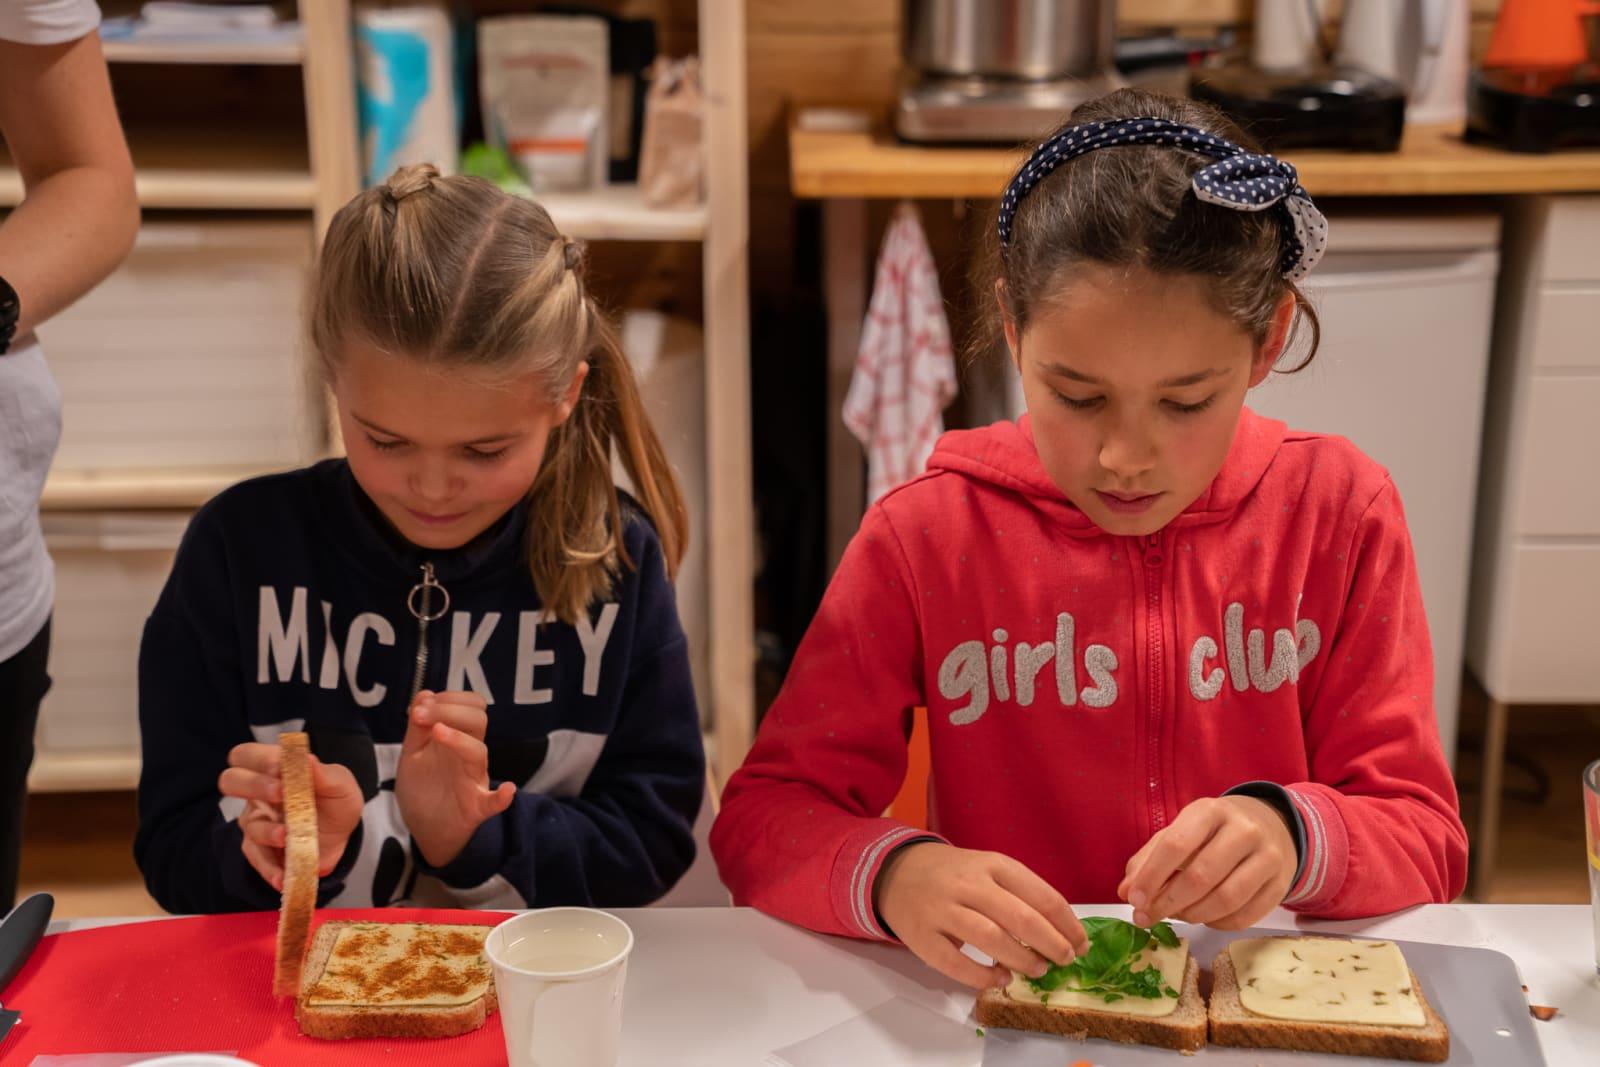 Barna i full sving med ostesmørbrød-mekking på Smaksverkstedet. Toast er kjempedeilig til suppe. Foto: Margrethe Vikan Sæbø.